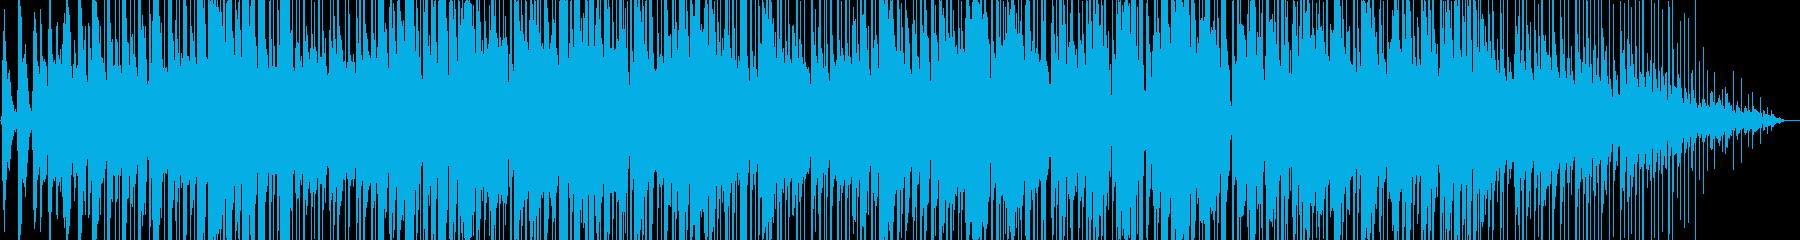 パーカッションとギターマンドリンのボサの再生済みの波形